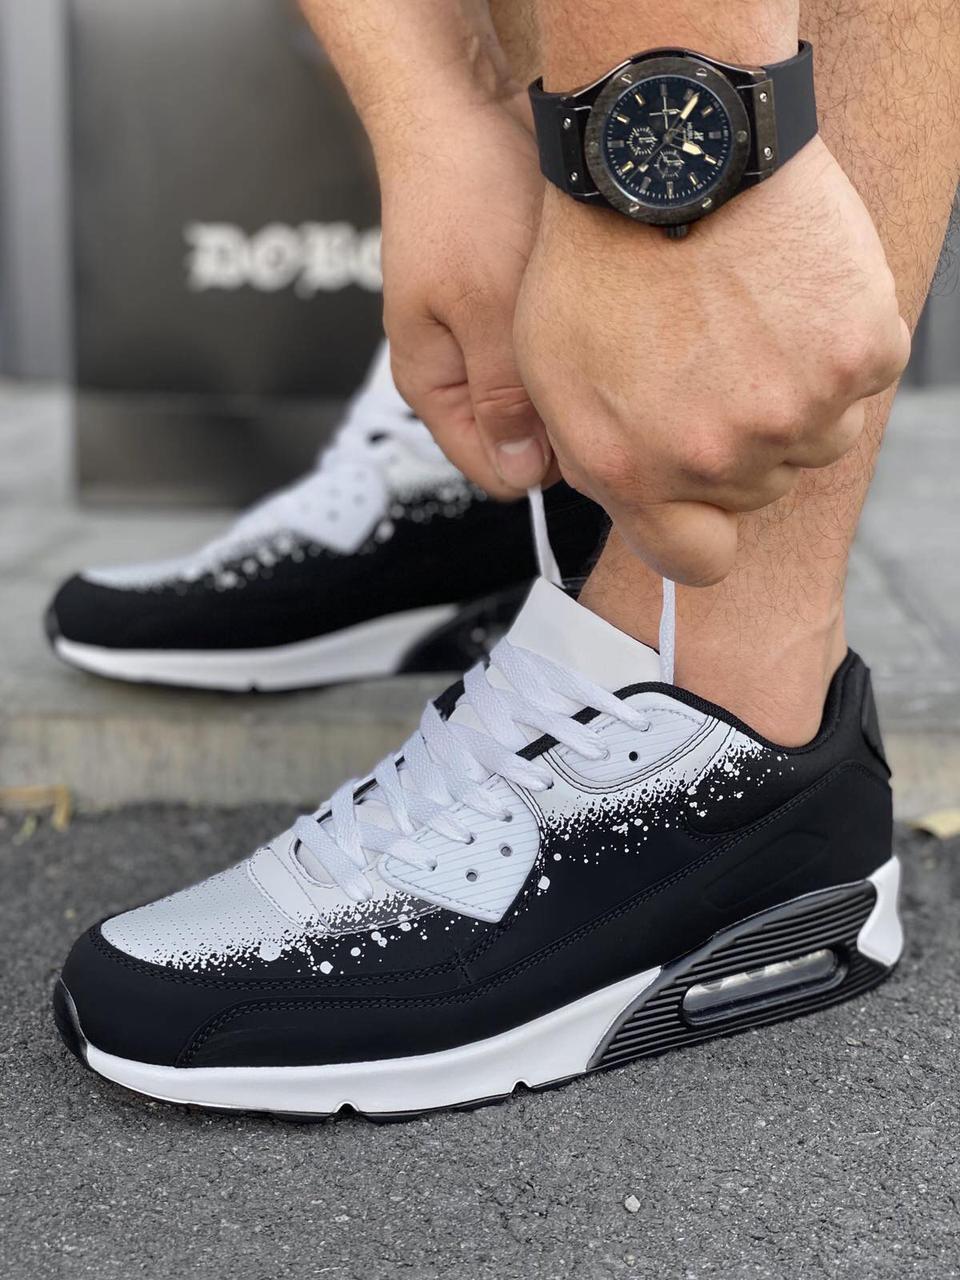 Мужские кроссовки в стиле Nike Air Max 90 обувь мужская демисезонная Размеры 43,45